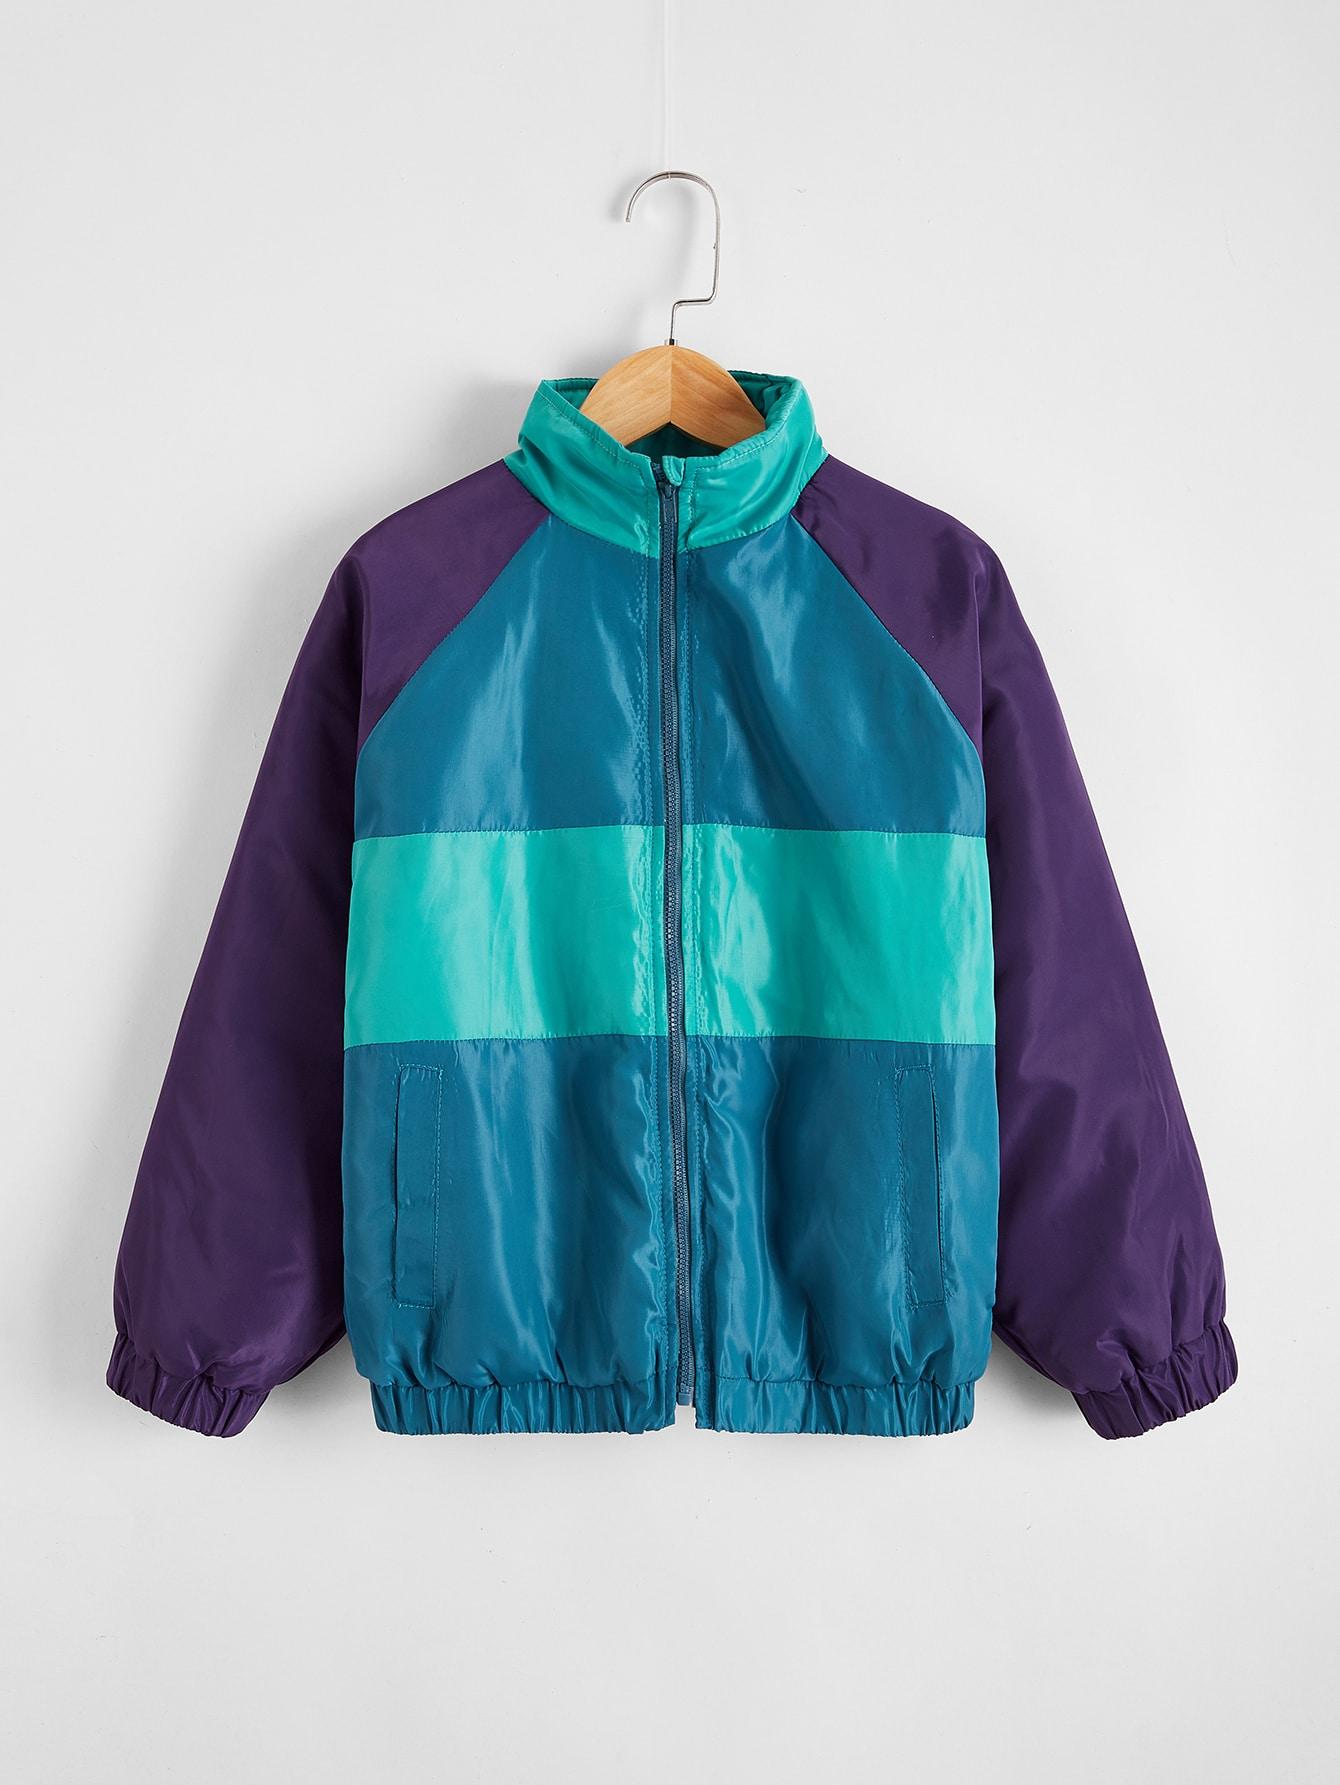 Boys Colorblock Zipper Placket Wind Jacket